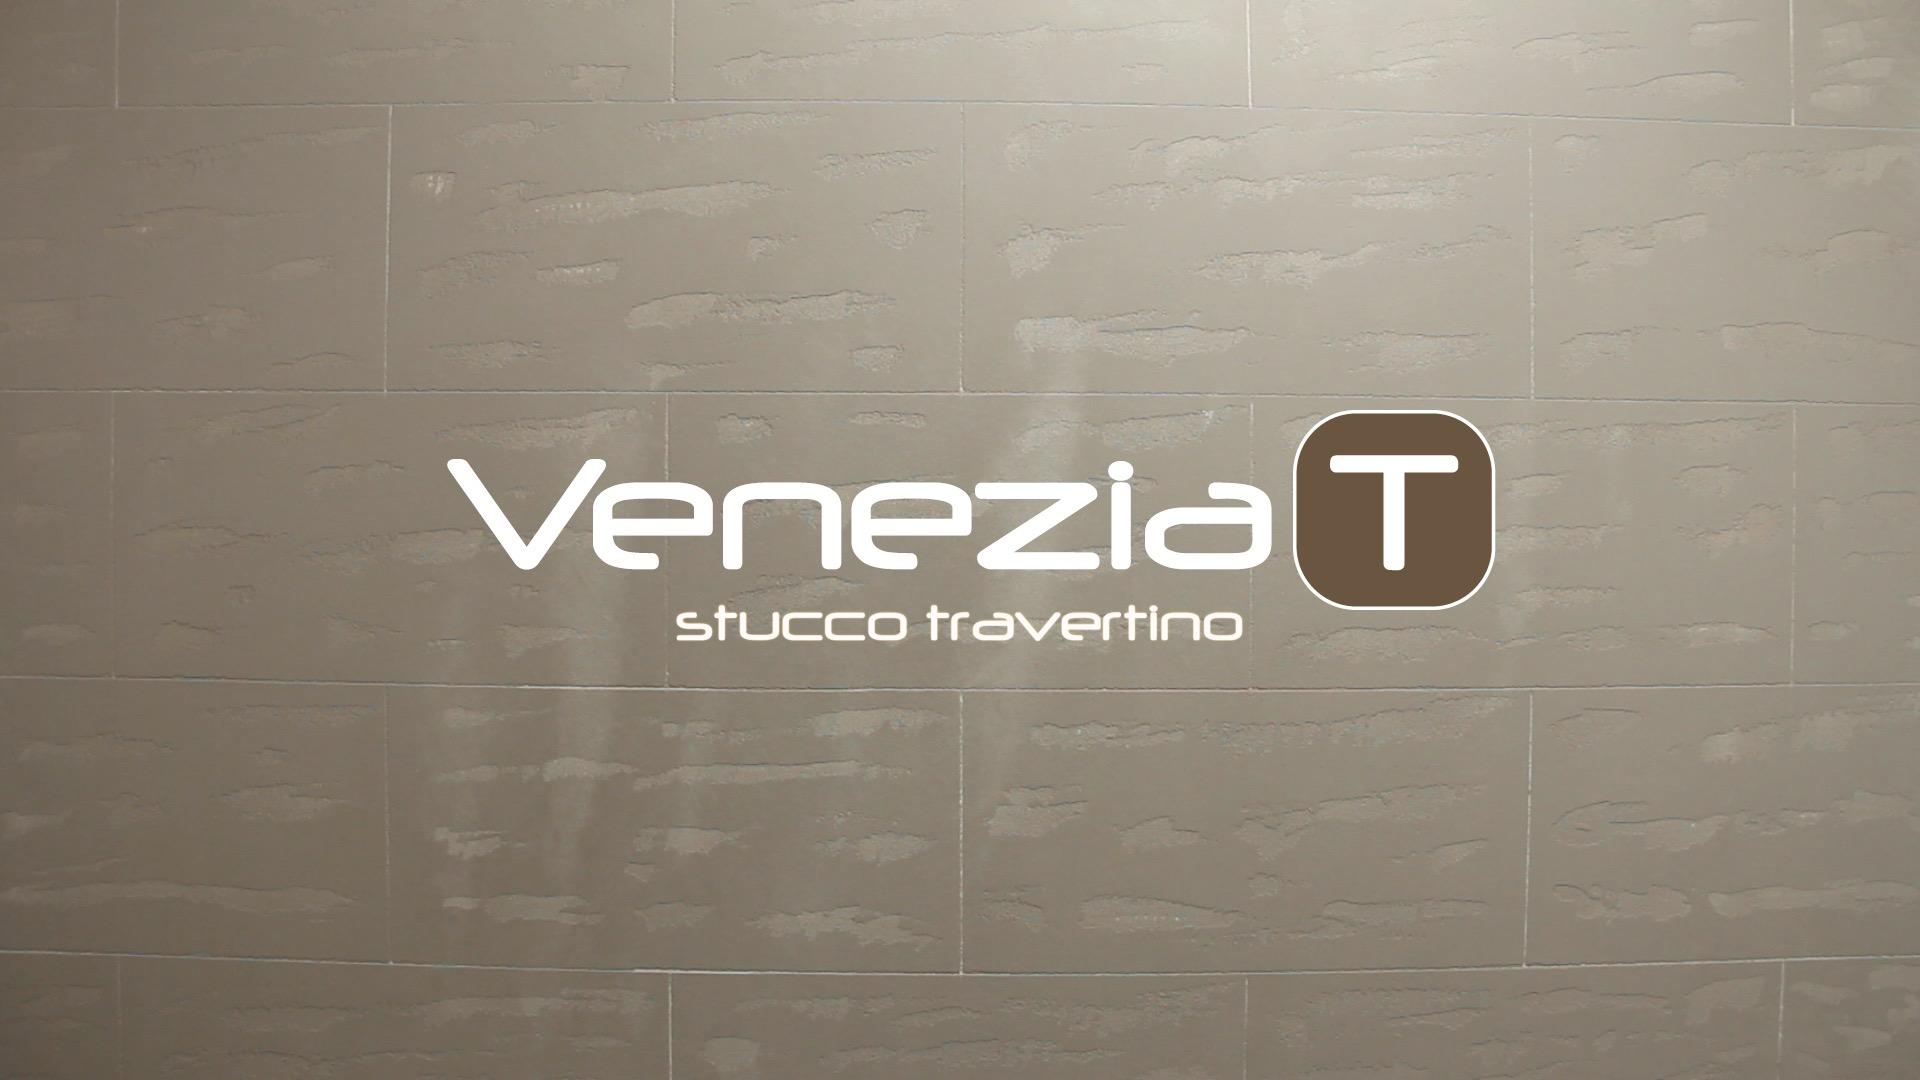 VeneziaT